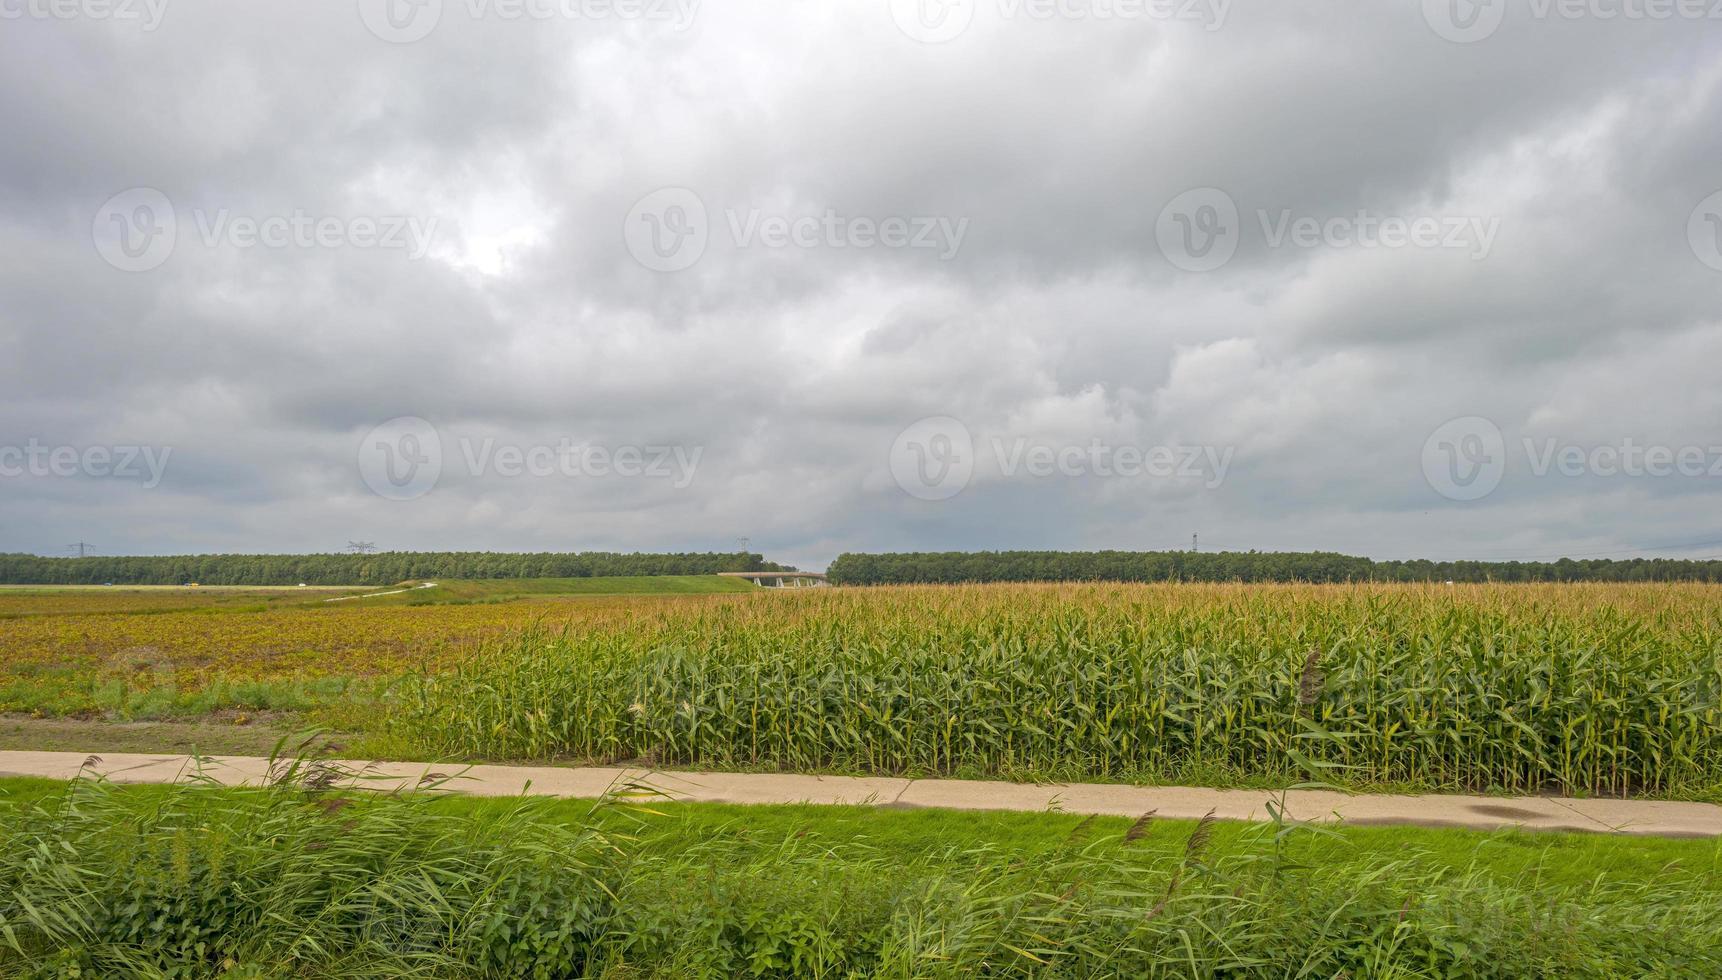 maïs groeit op een veld langs een pad in de zomer foto